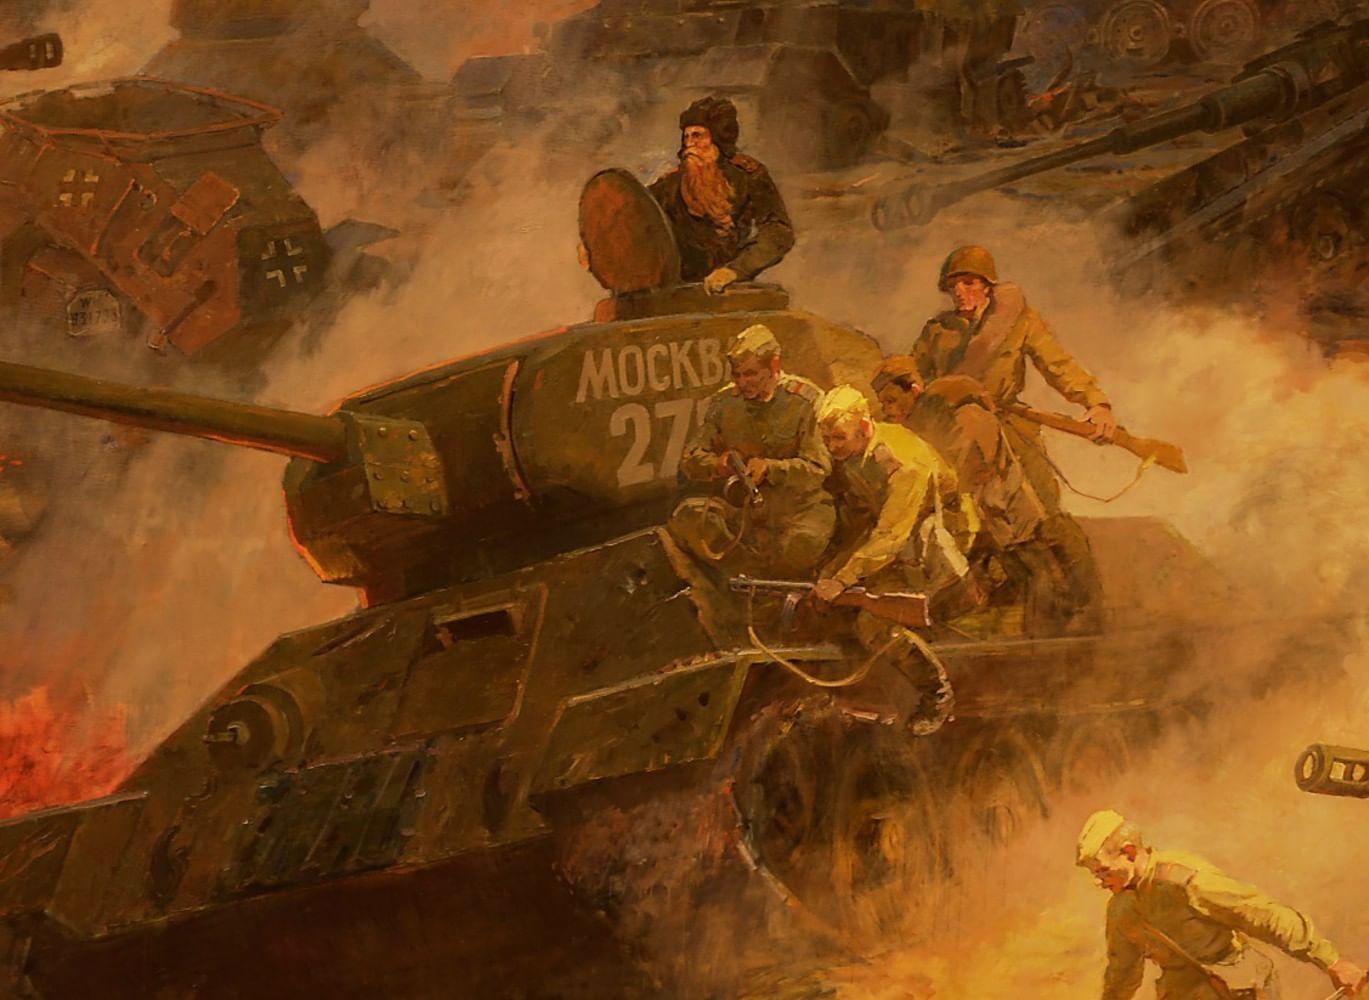 От «бессмертного» сержанта до Патриарха всея Руси: 5 участников Курской битвы. Галерея 4